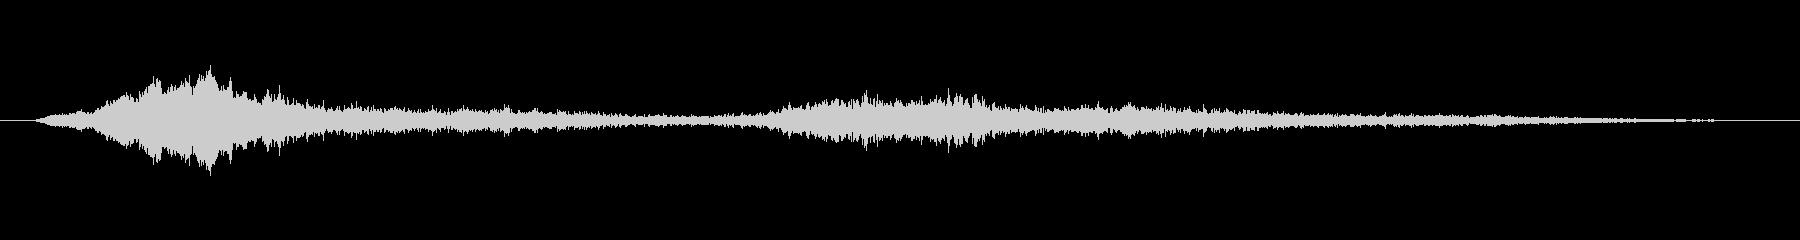 ヒューワーン ヒューワーンの未再生の波形